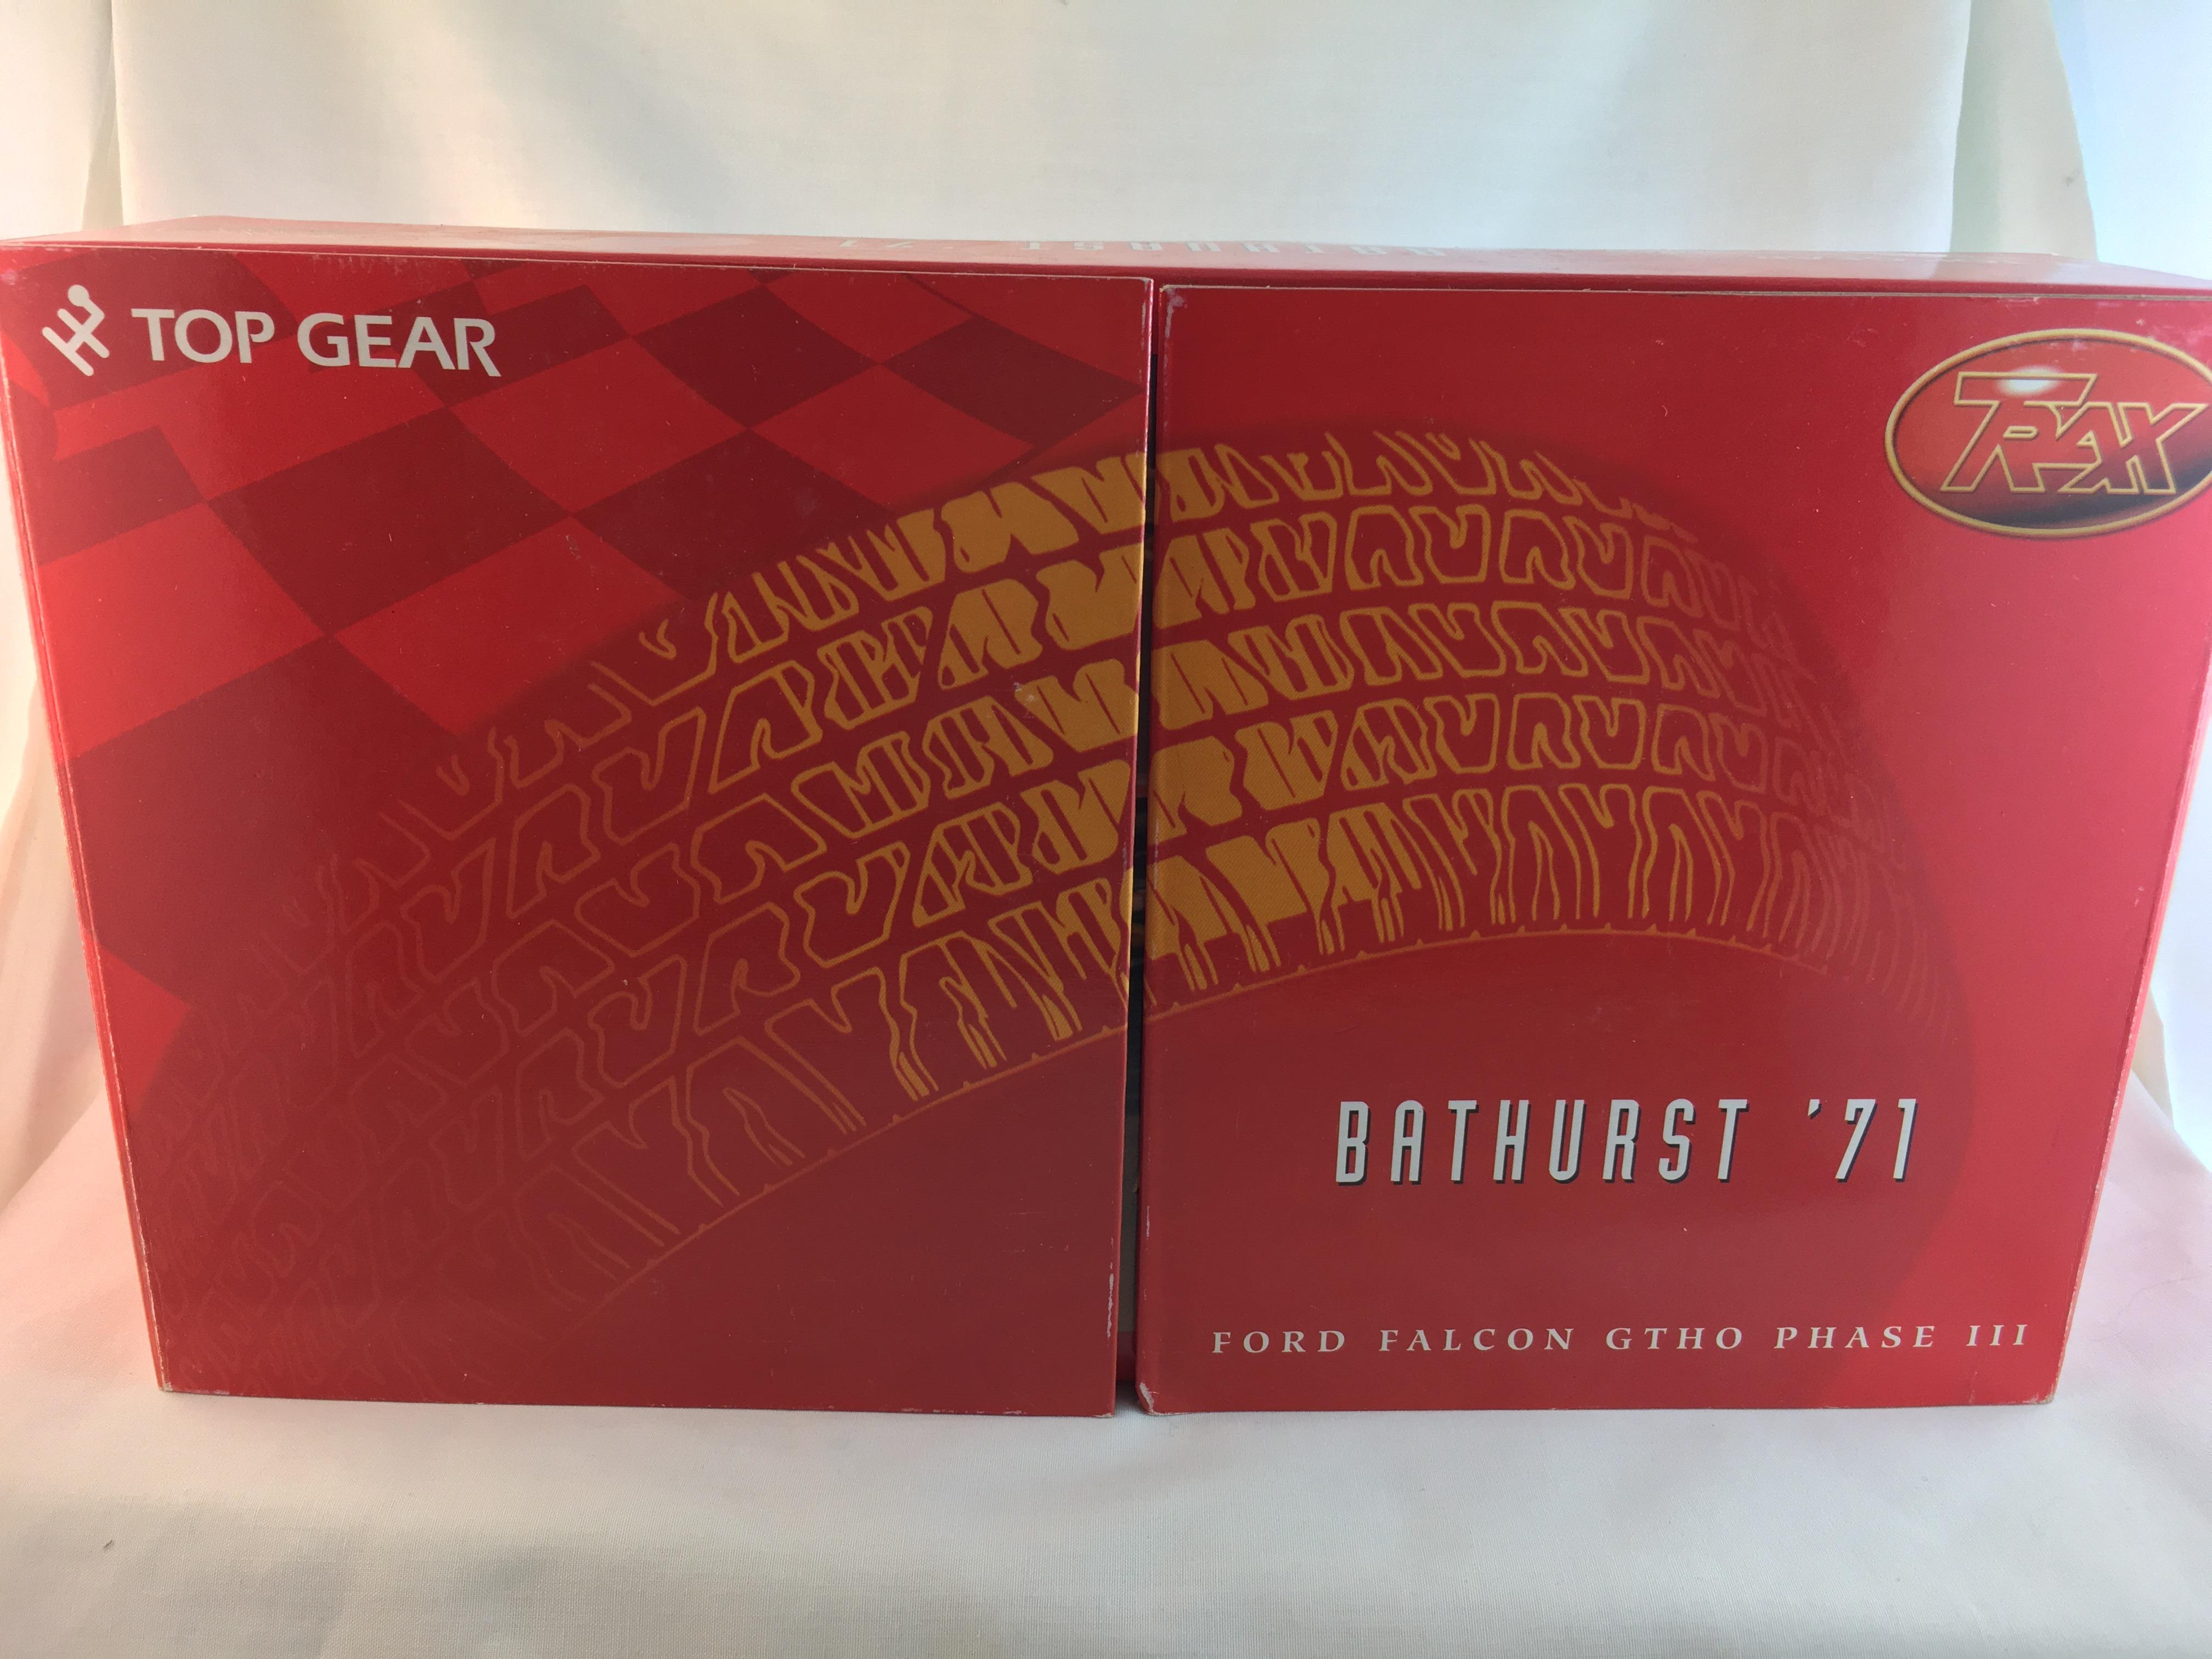 Bathurst '77 Ford Falcon GTHO Phase III Box Set